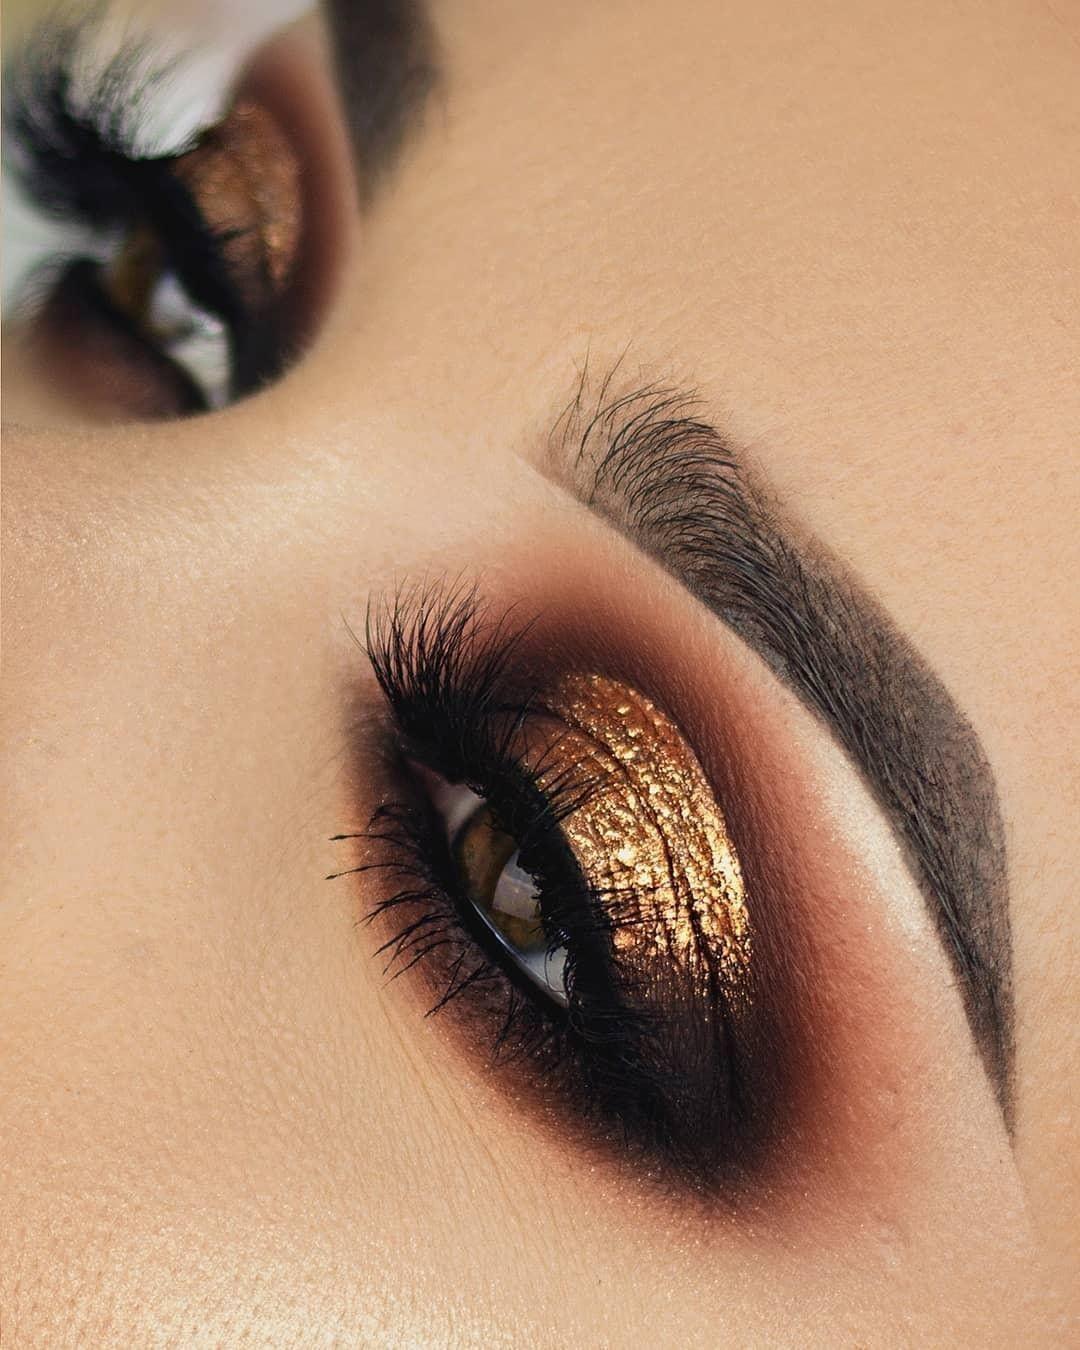 """Morphe auf Instagram: """"Ein wunderschönes warmes braunes rauchiges Auge mit einer Goldfolie? Ja bitte. ❤️✨ @chaleendeed ist eine Königin von #MakeupInspo und hat die 35G Bronze erhalten… """", #35G #auf #Auge #bitte #braunes #bronze #chaleendeed #die #ein #eine #einer #ERHALTEN #Goldfolie #hat #Instagram #ist #Königin #MakeupInspo #mit #Morphe #rauchiges #und #von #Warmes #Wunderschönes"""